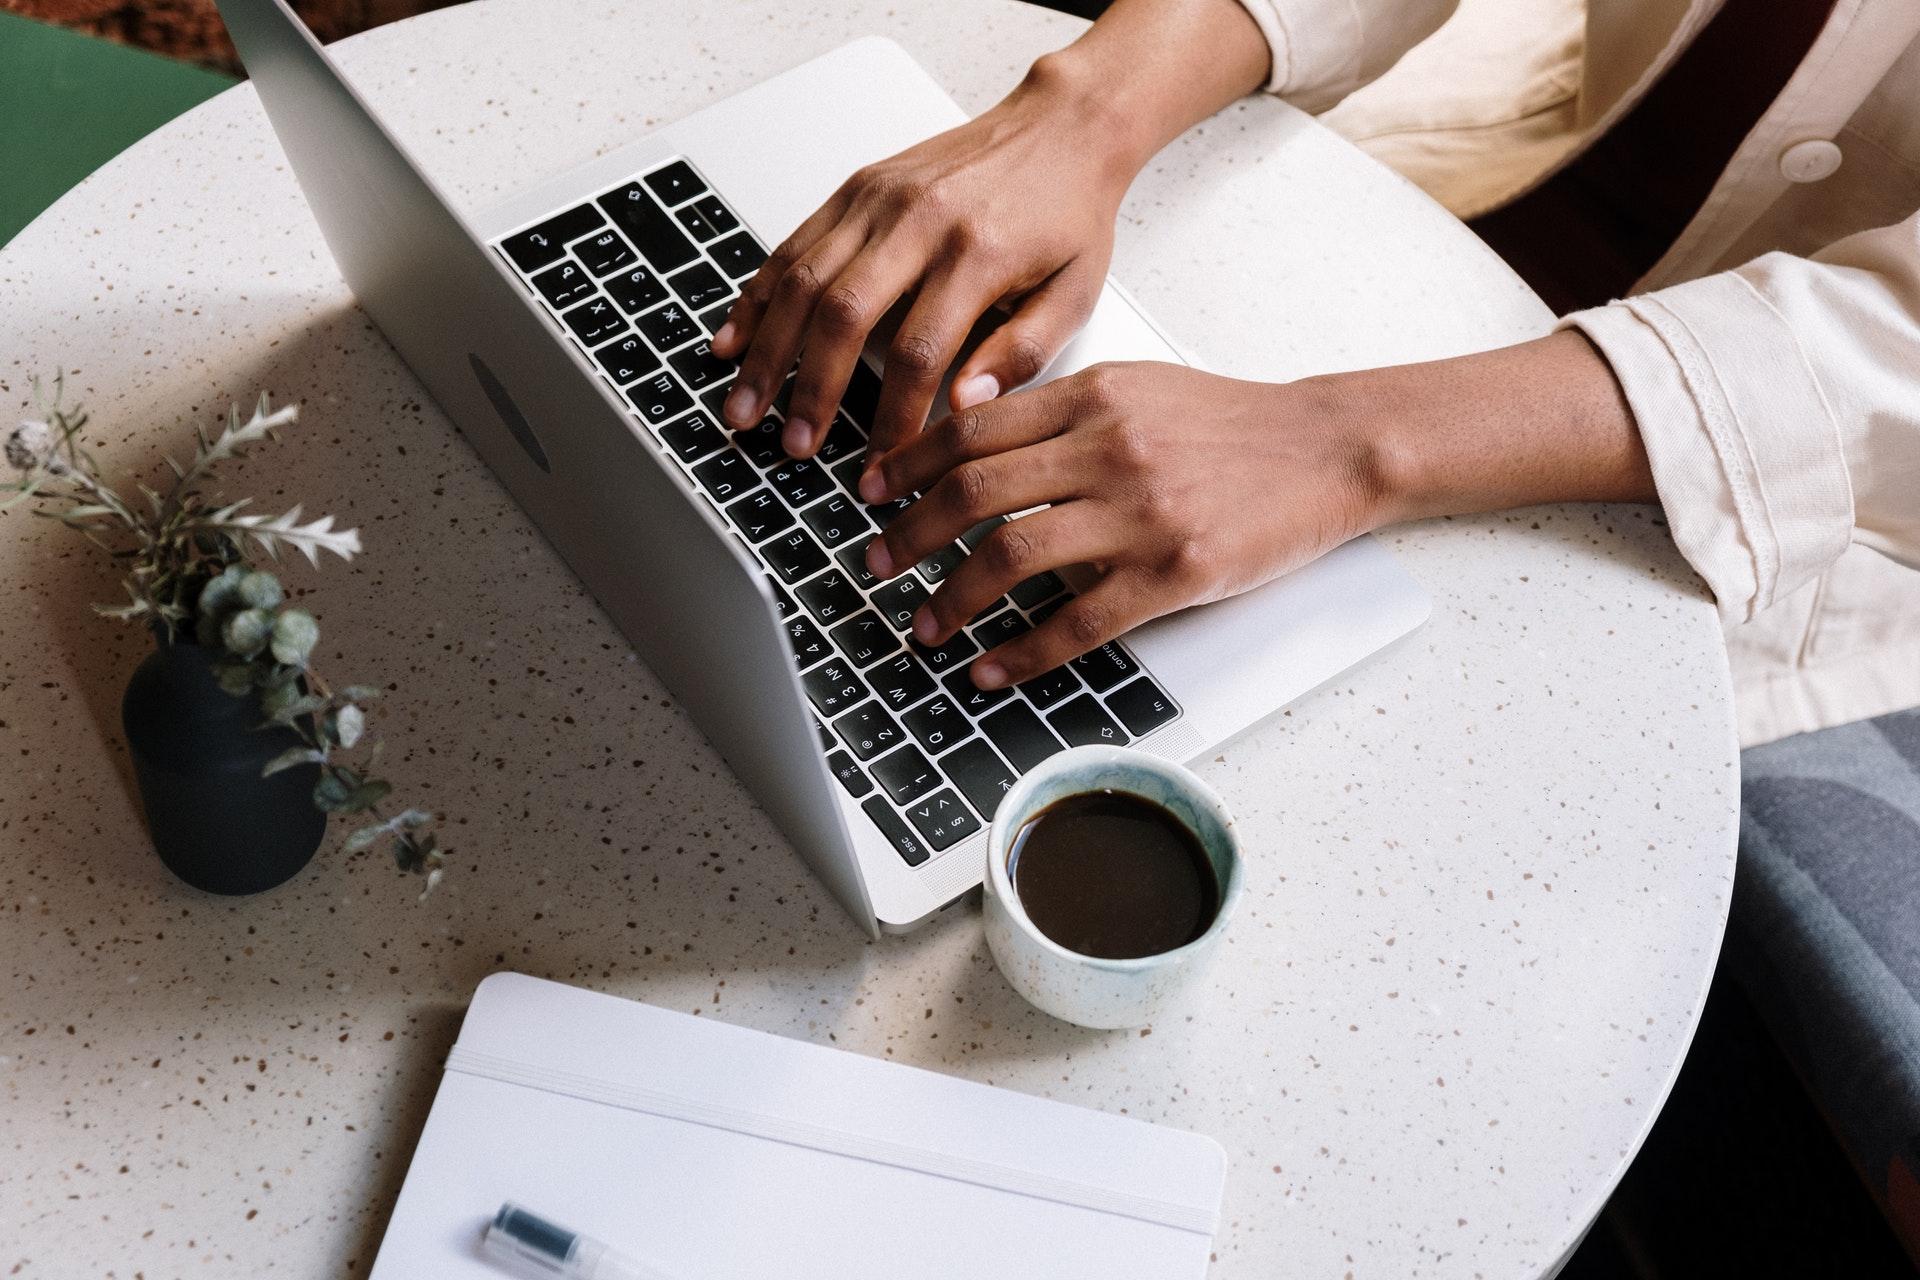 カフェでノートパソコンを操作する女性